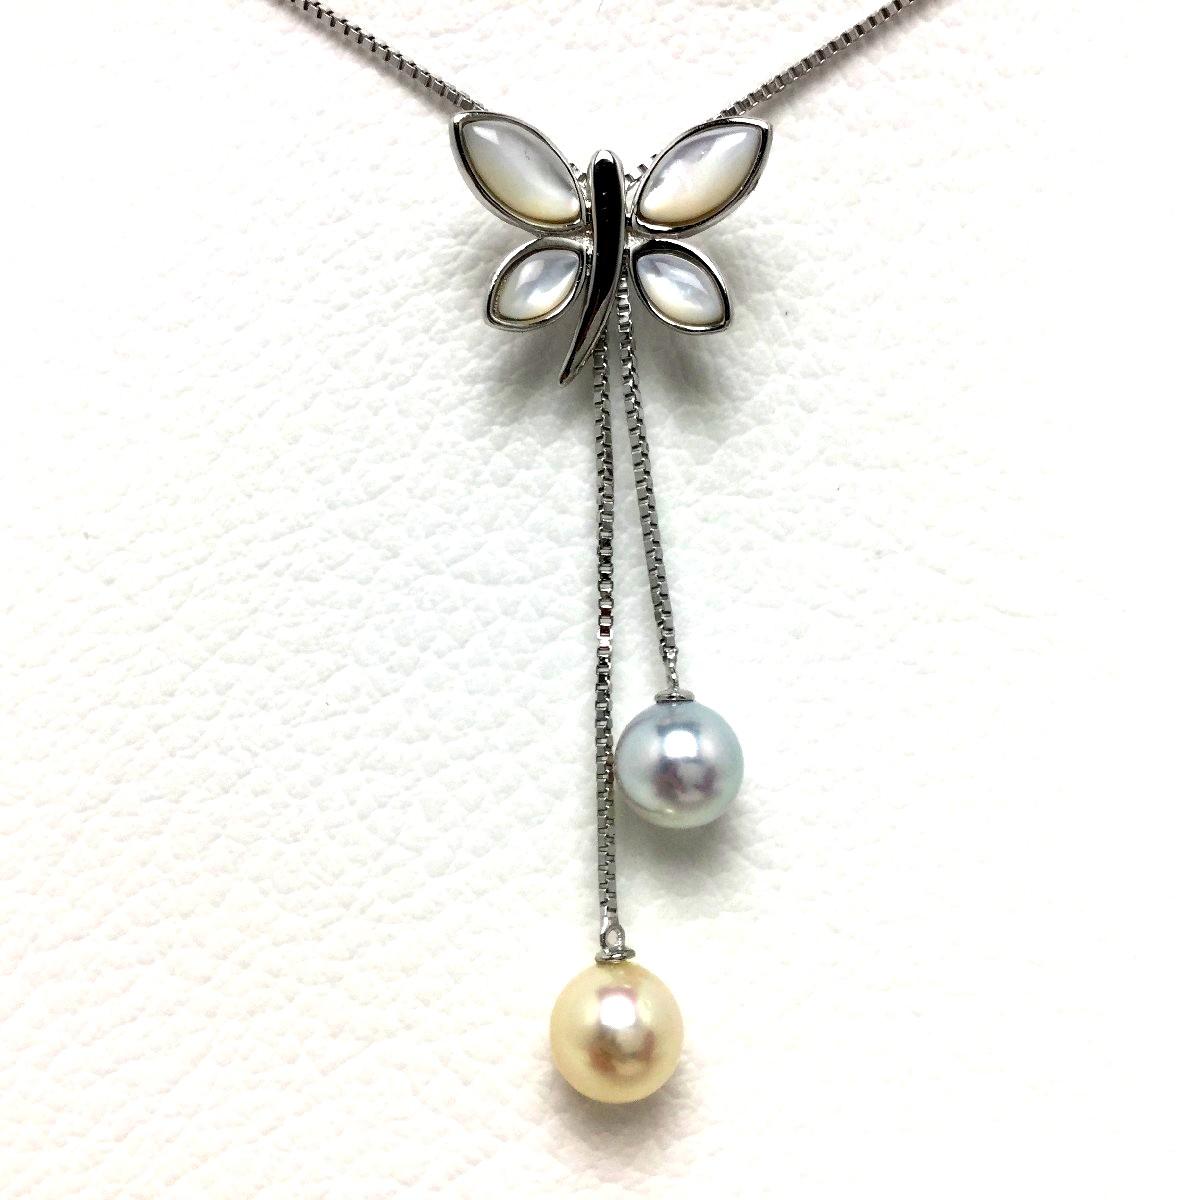 真珠 ペンダント パール アコヤ真珠 6.5-7.0mm マルチカラー シルバー 蝶々 シェル 65986 イソワパール